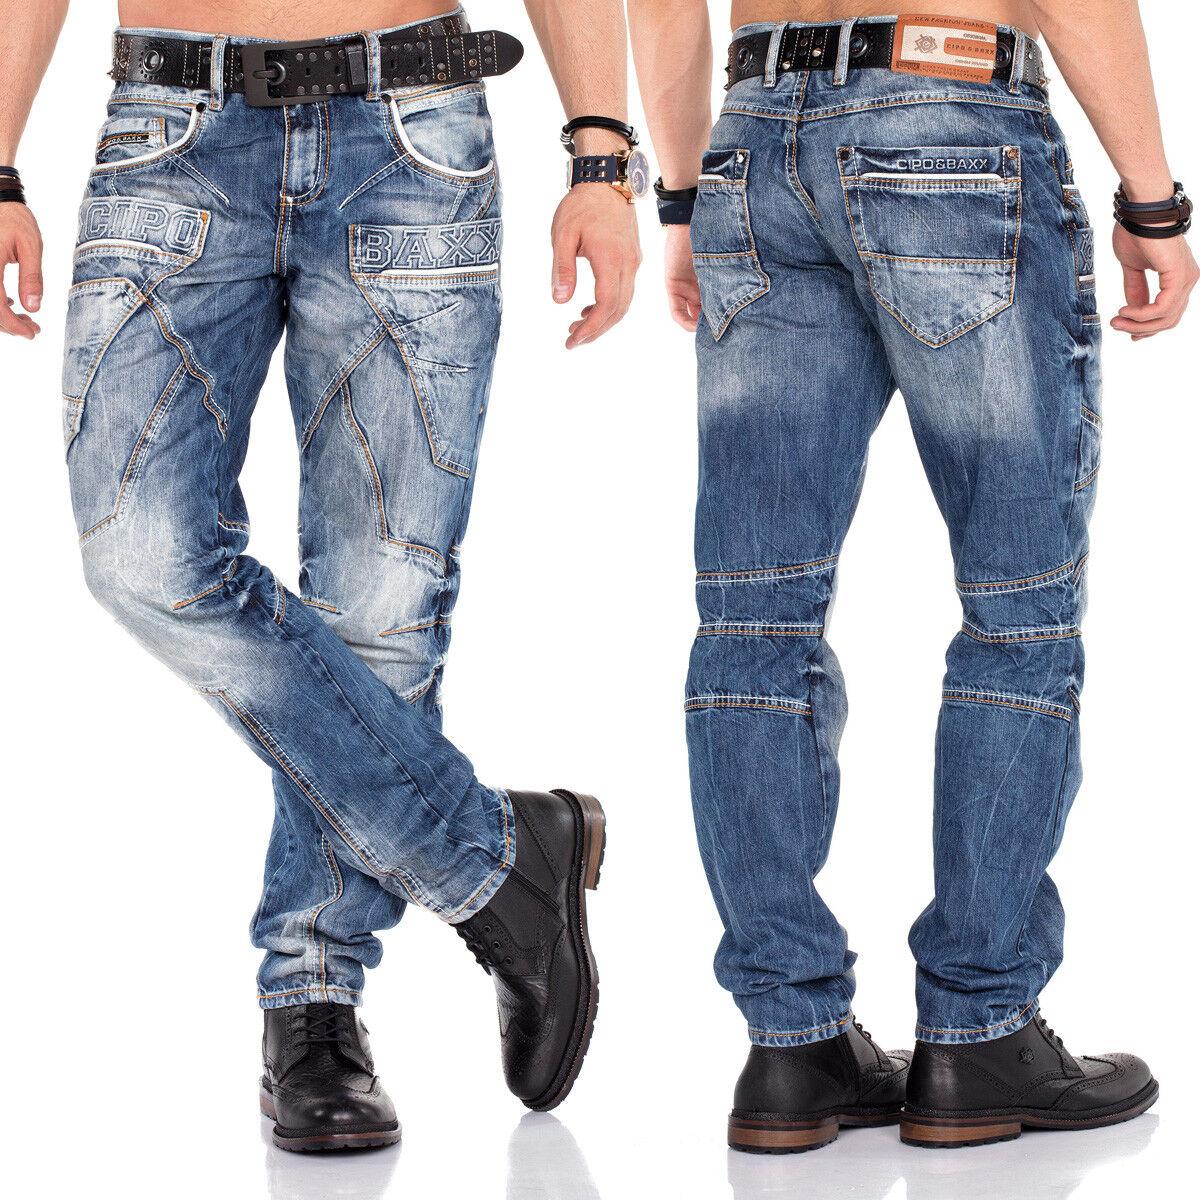 Shelly Baxx Jeans Uomo CD391 Regular Fit con o senza Cintura